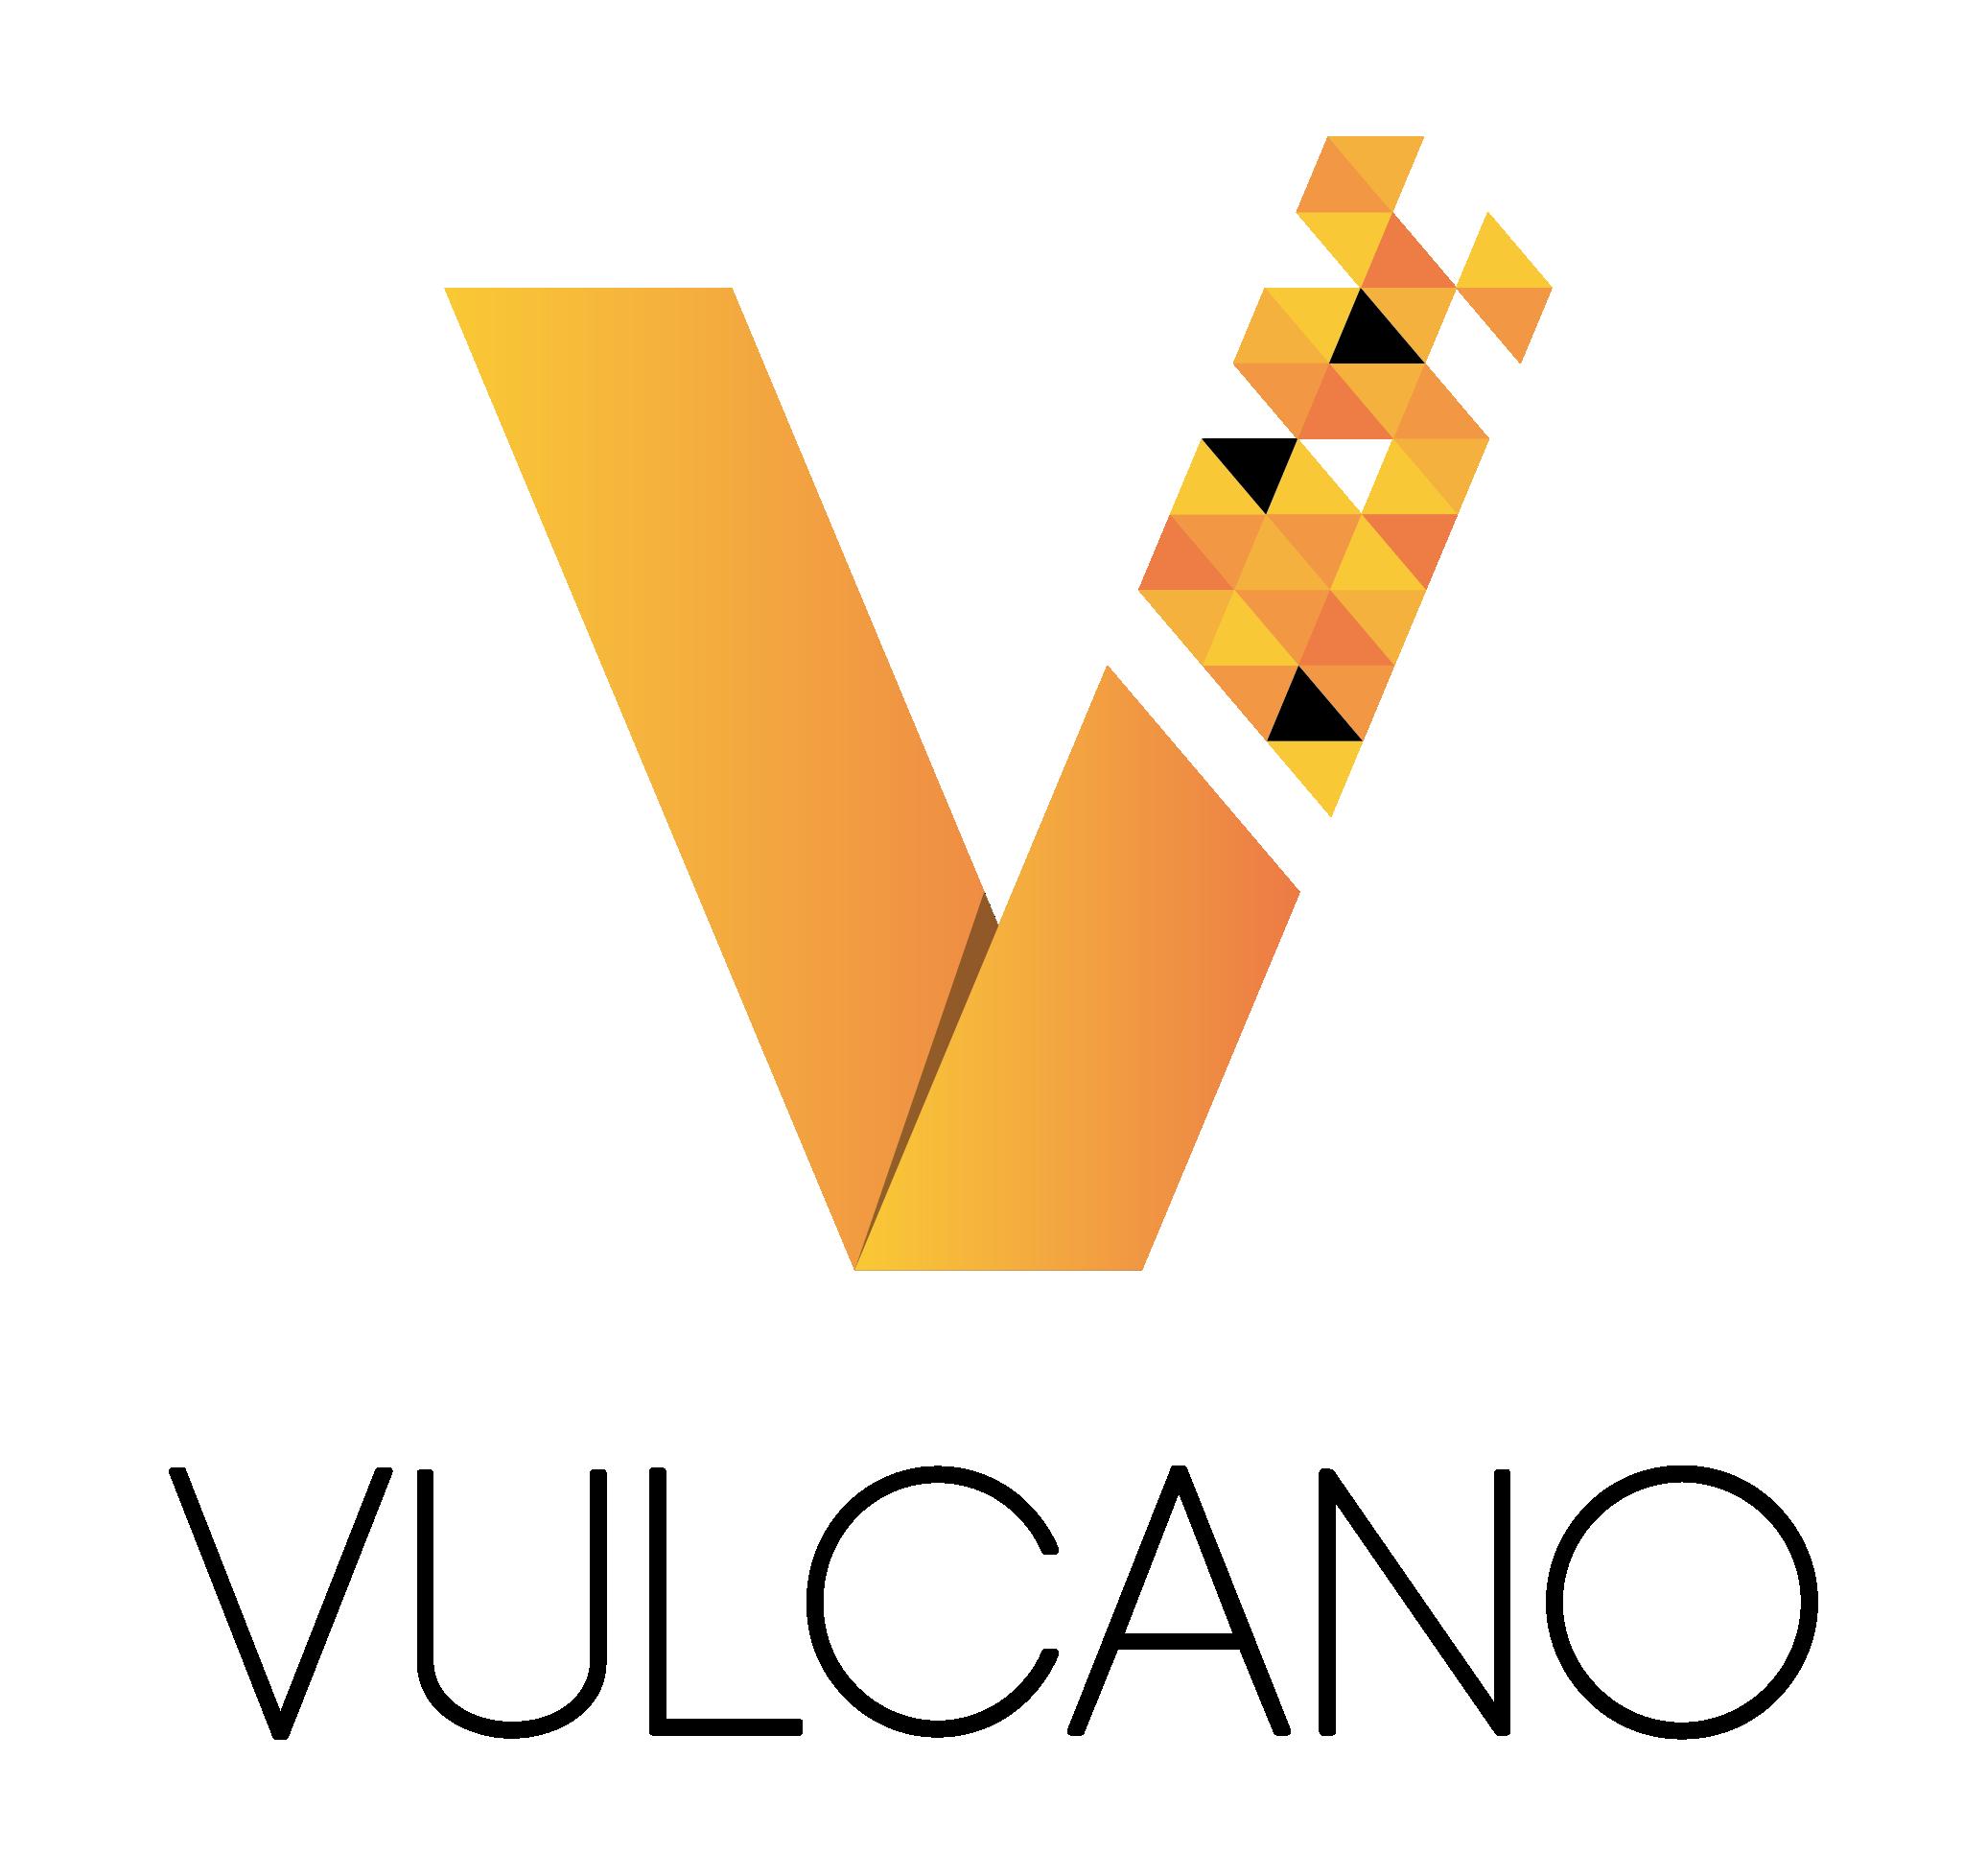 Vulcano Company